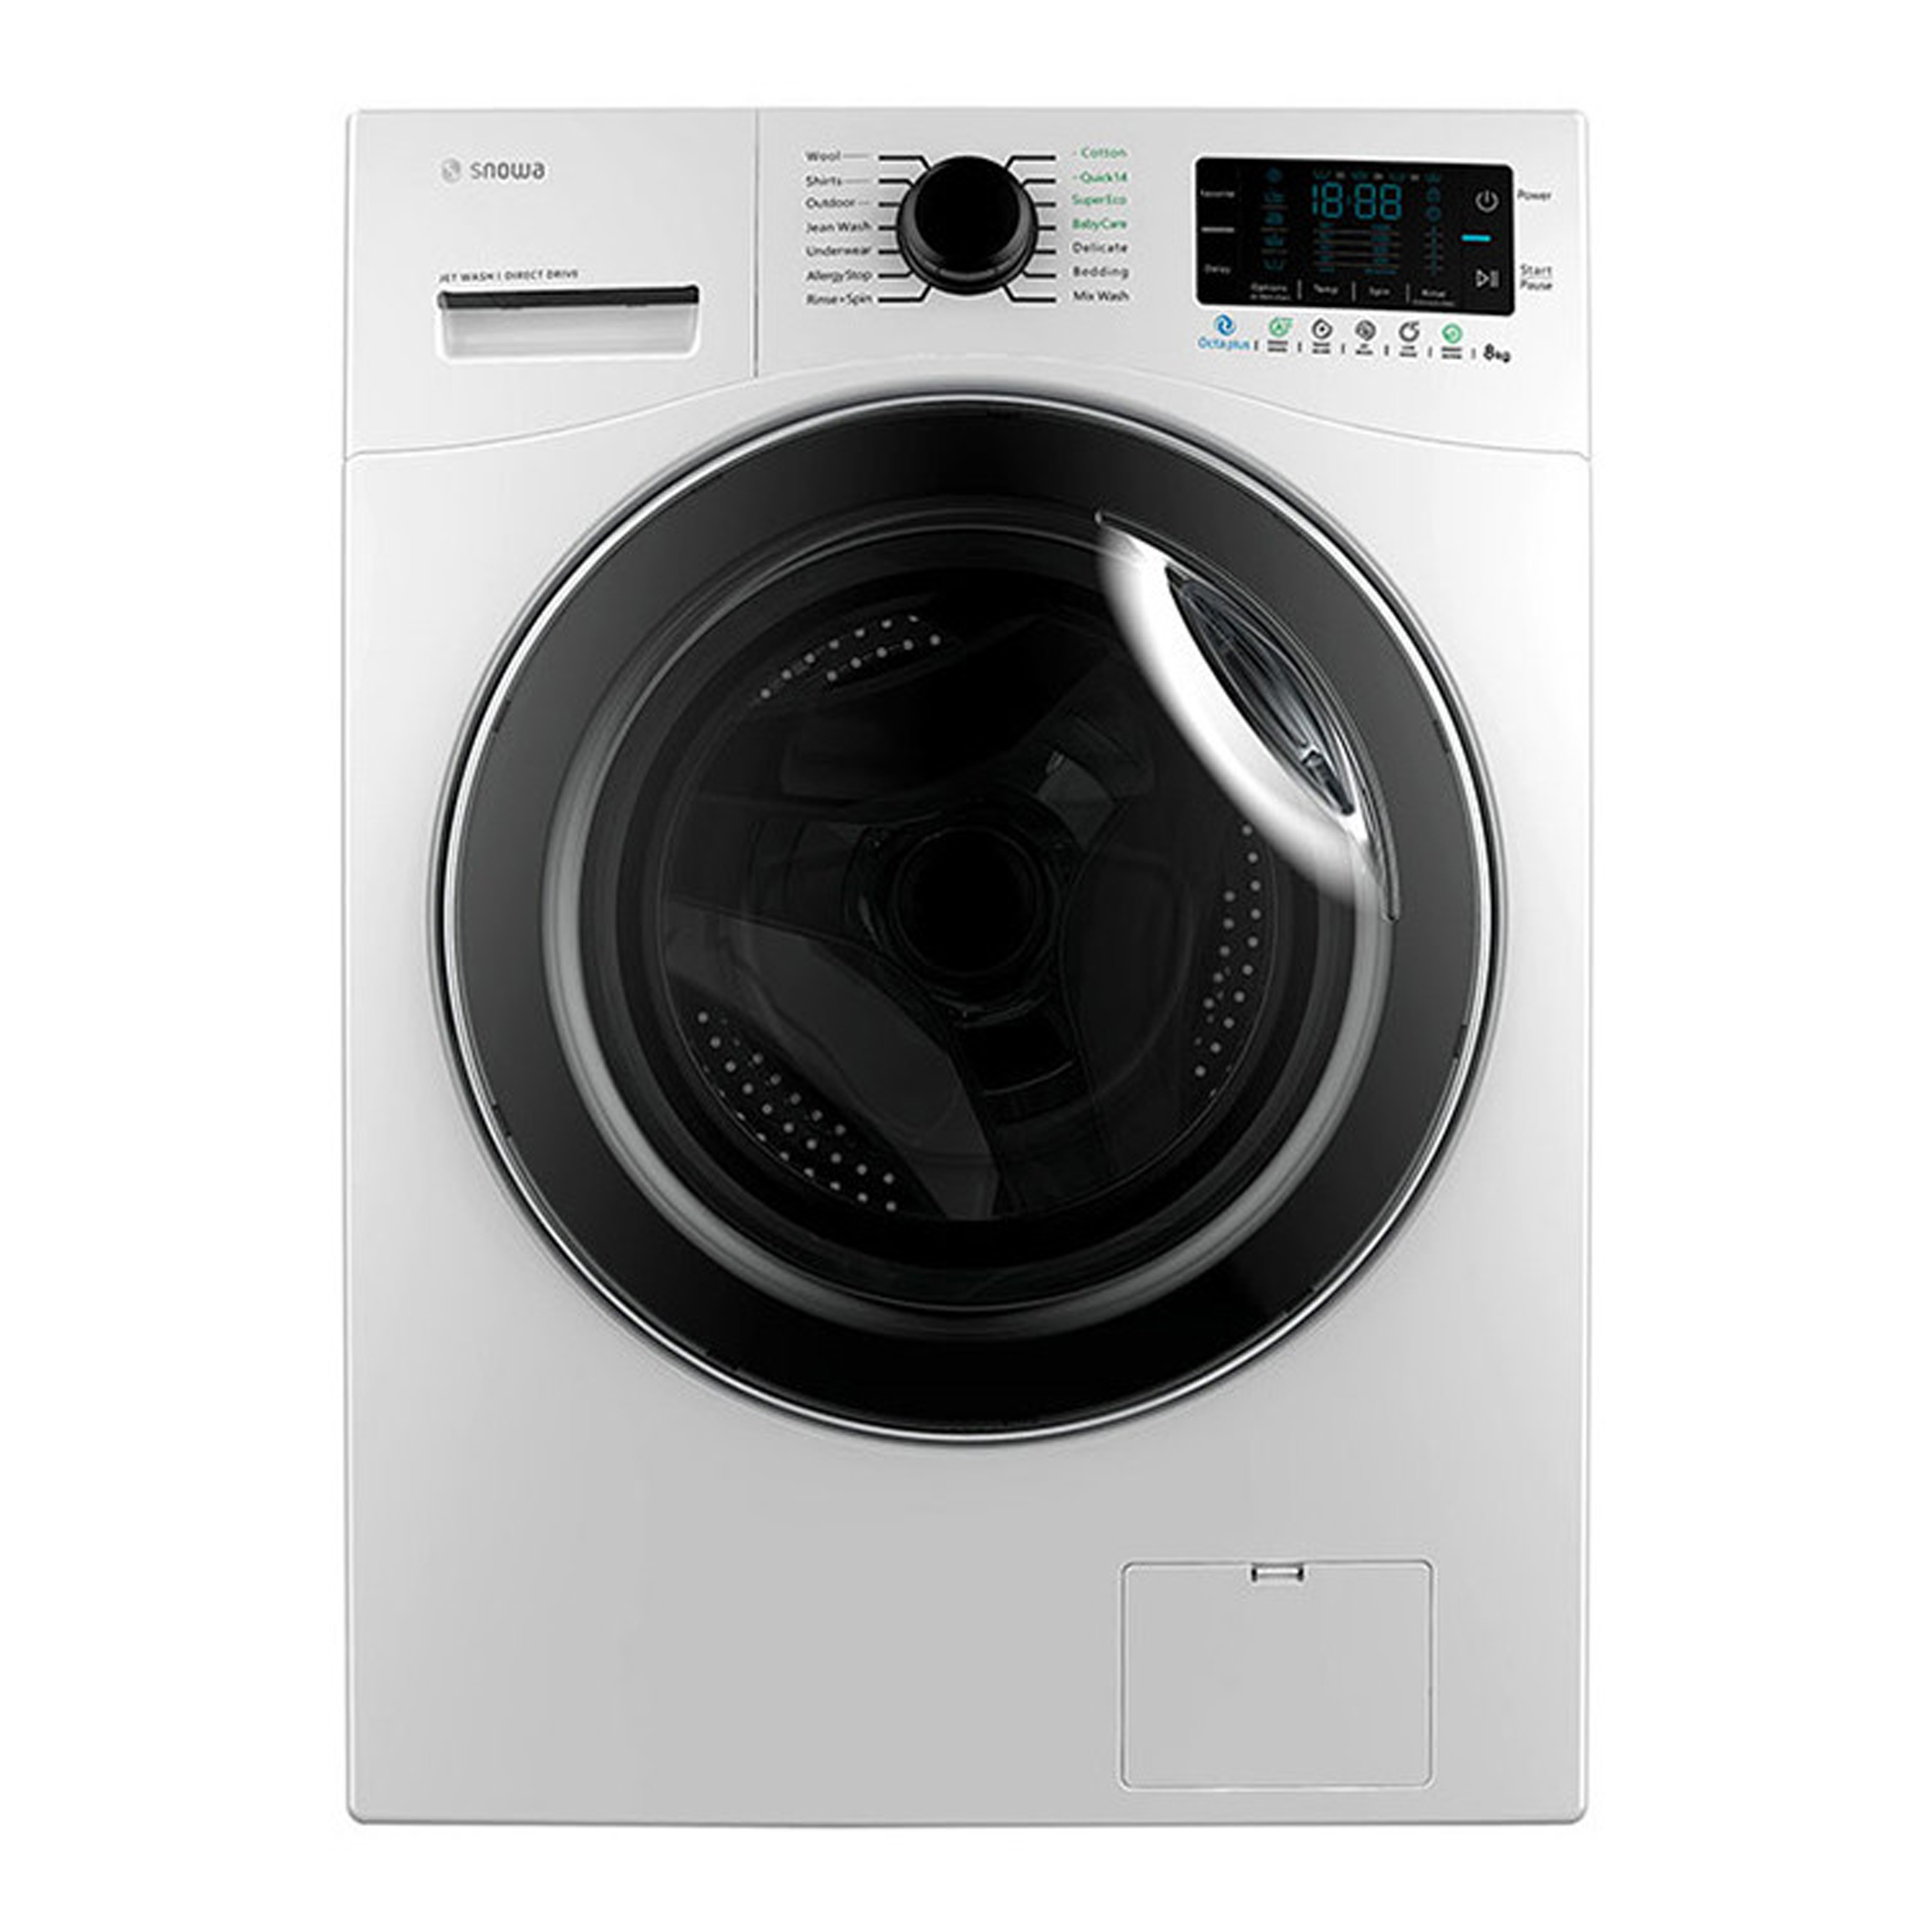 فروش نقدی و اقساطی ماشین لباسشویی اسنوا مدل SWM-84516 ظرفیت 8 کیلوگرم